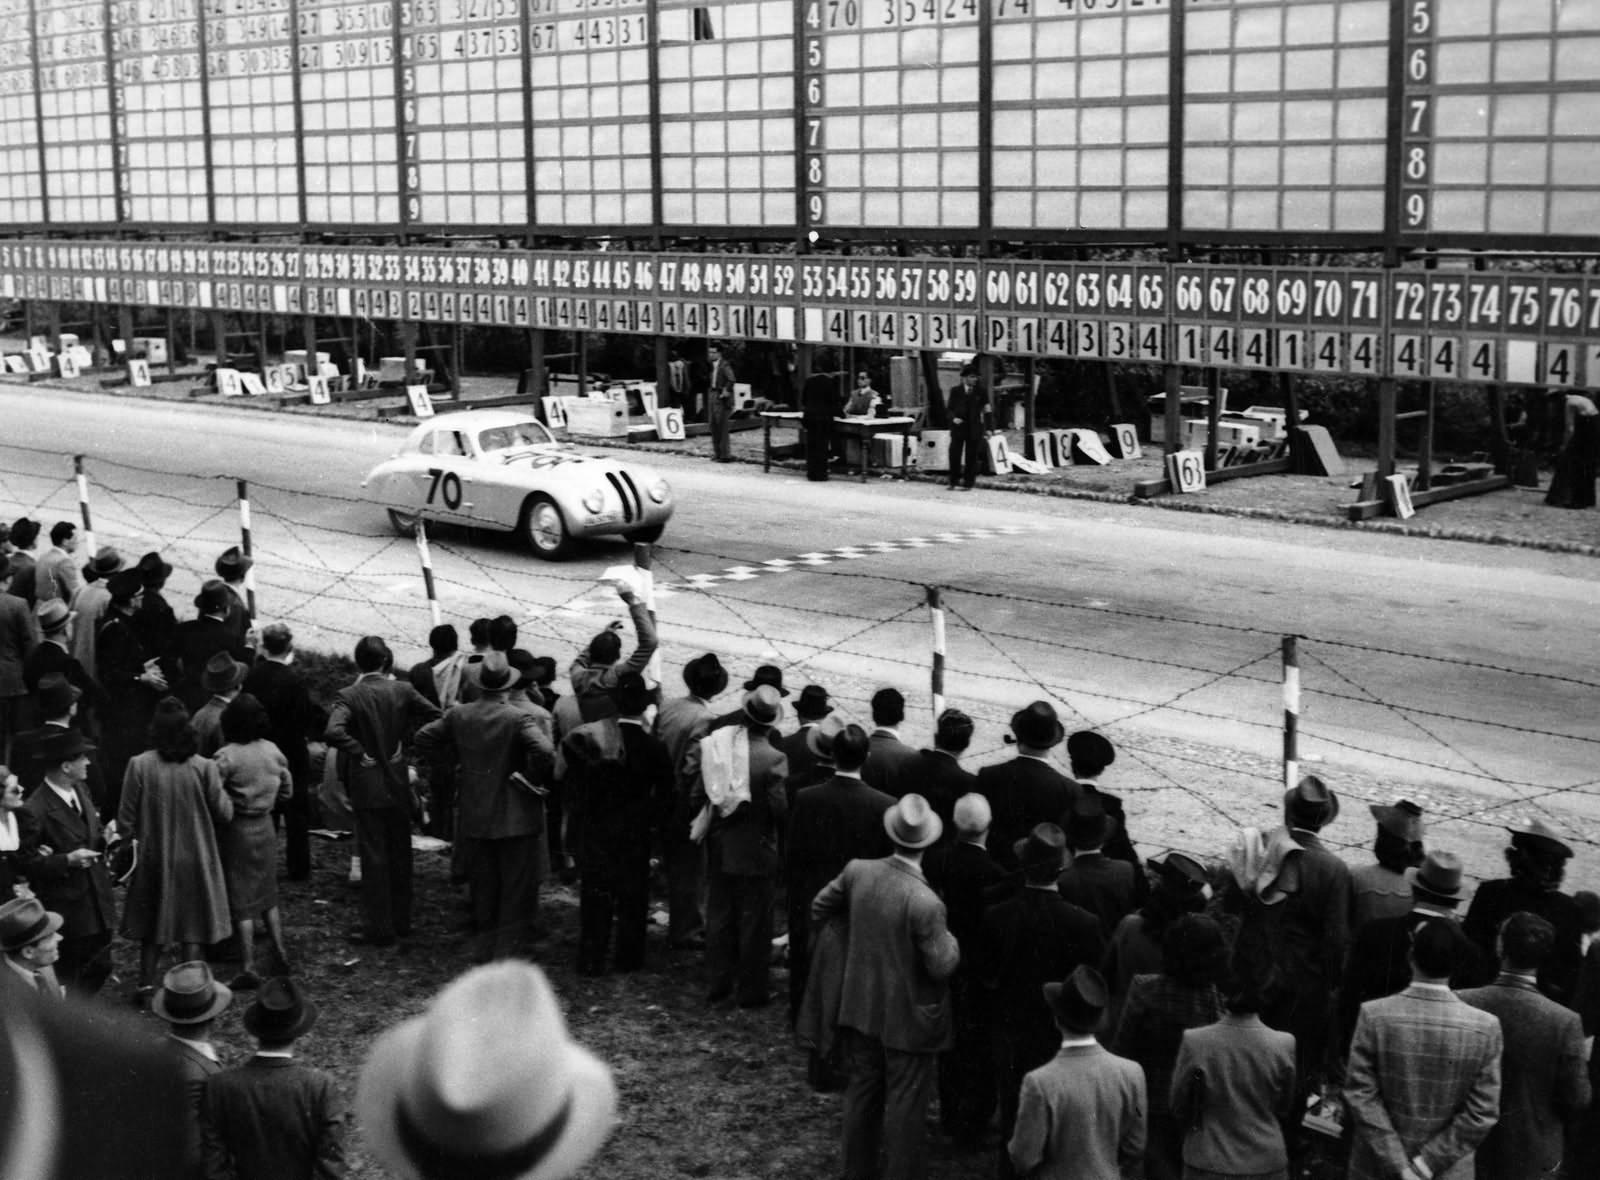 Rennfahrer Fritz Huschke von Hanstein gewinnt 1940 die Mille Miglia